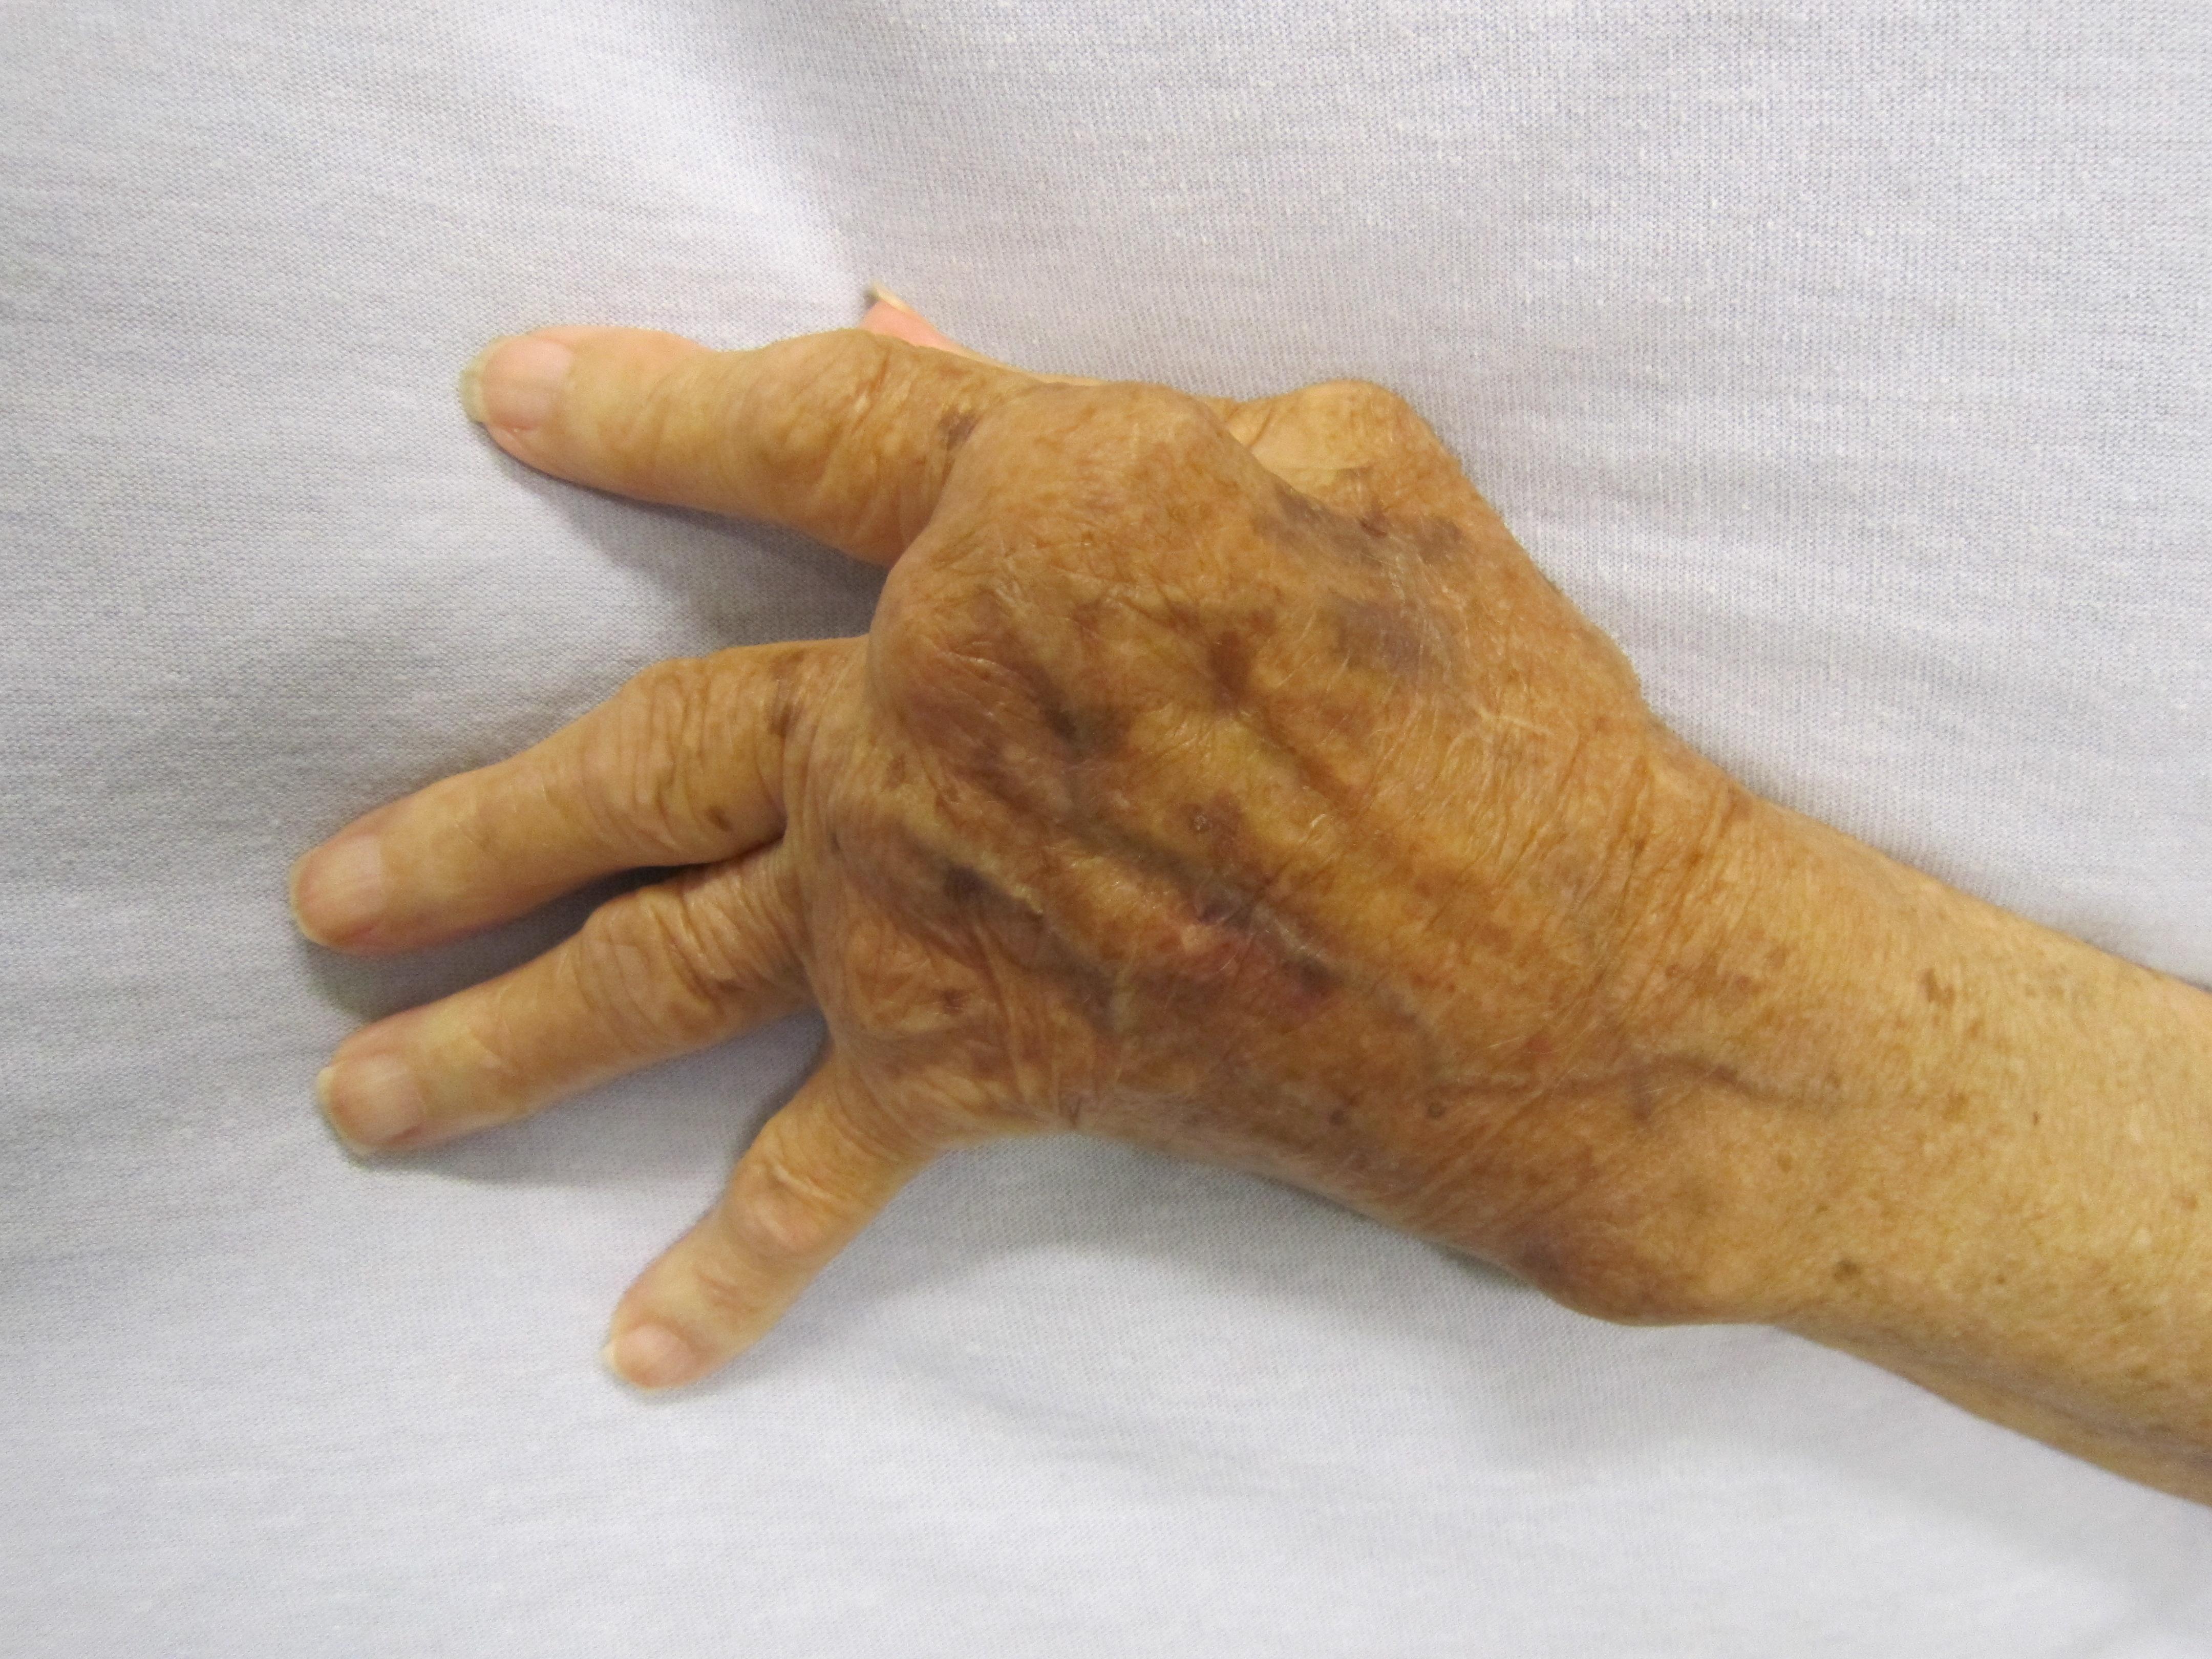 vándorló fájdalom a csontok ízületeiben